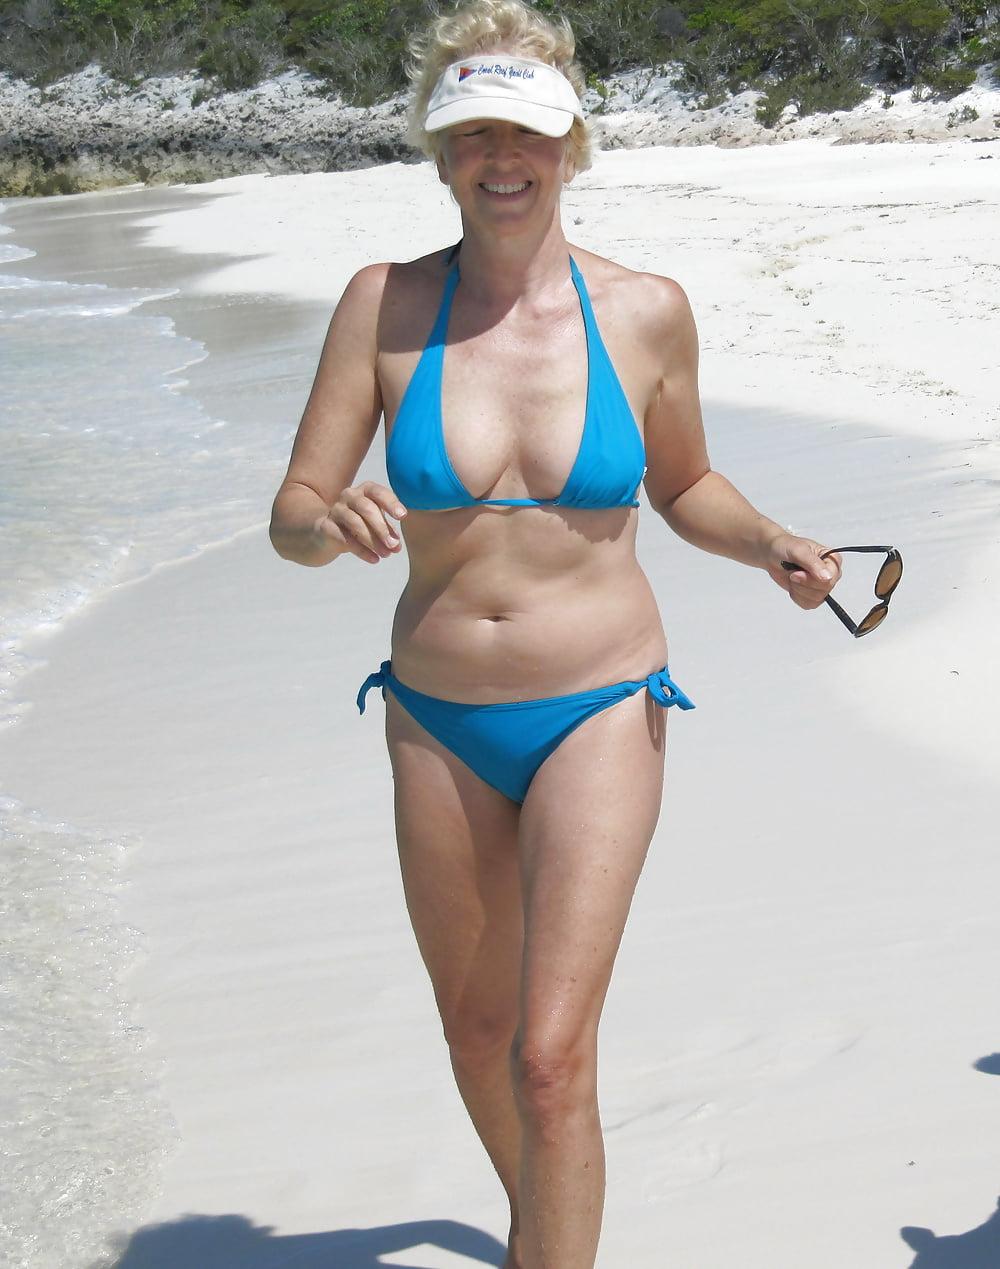 wife-in-a-bikini-amazing-dutch-woman-nude